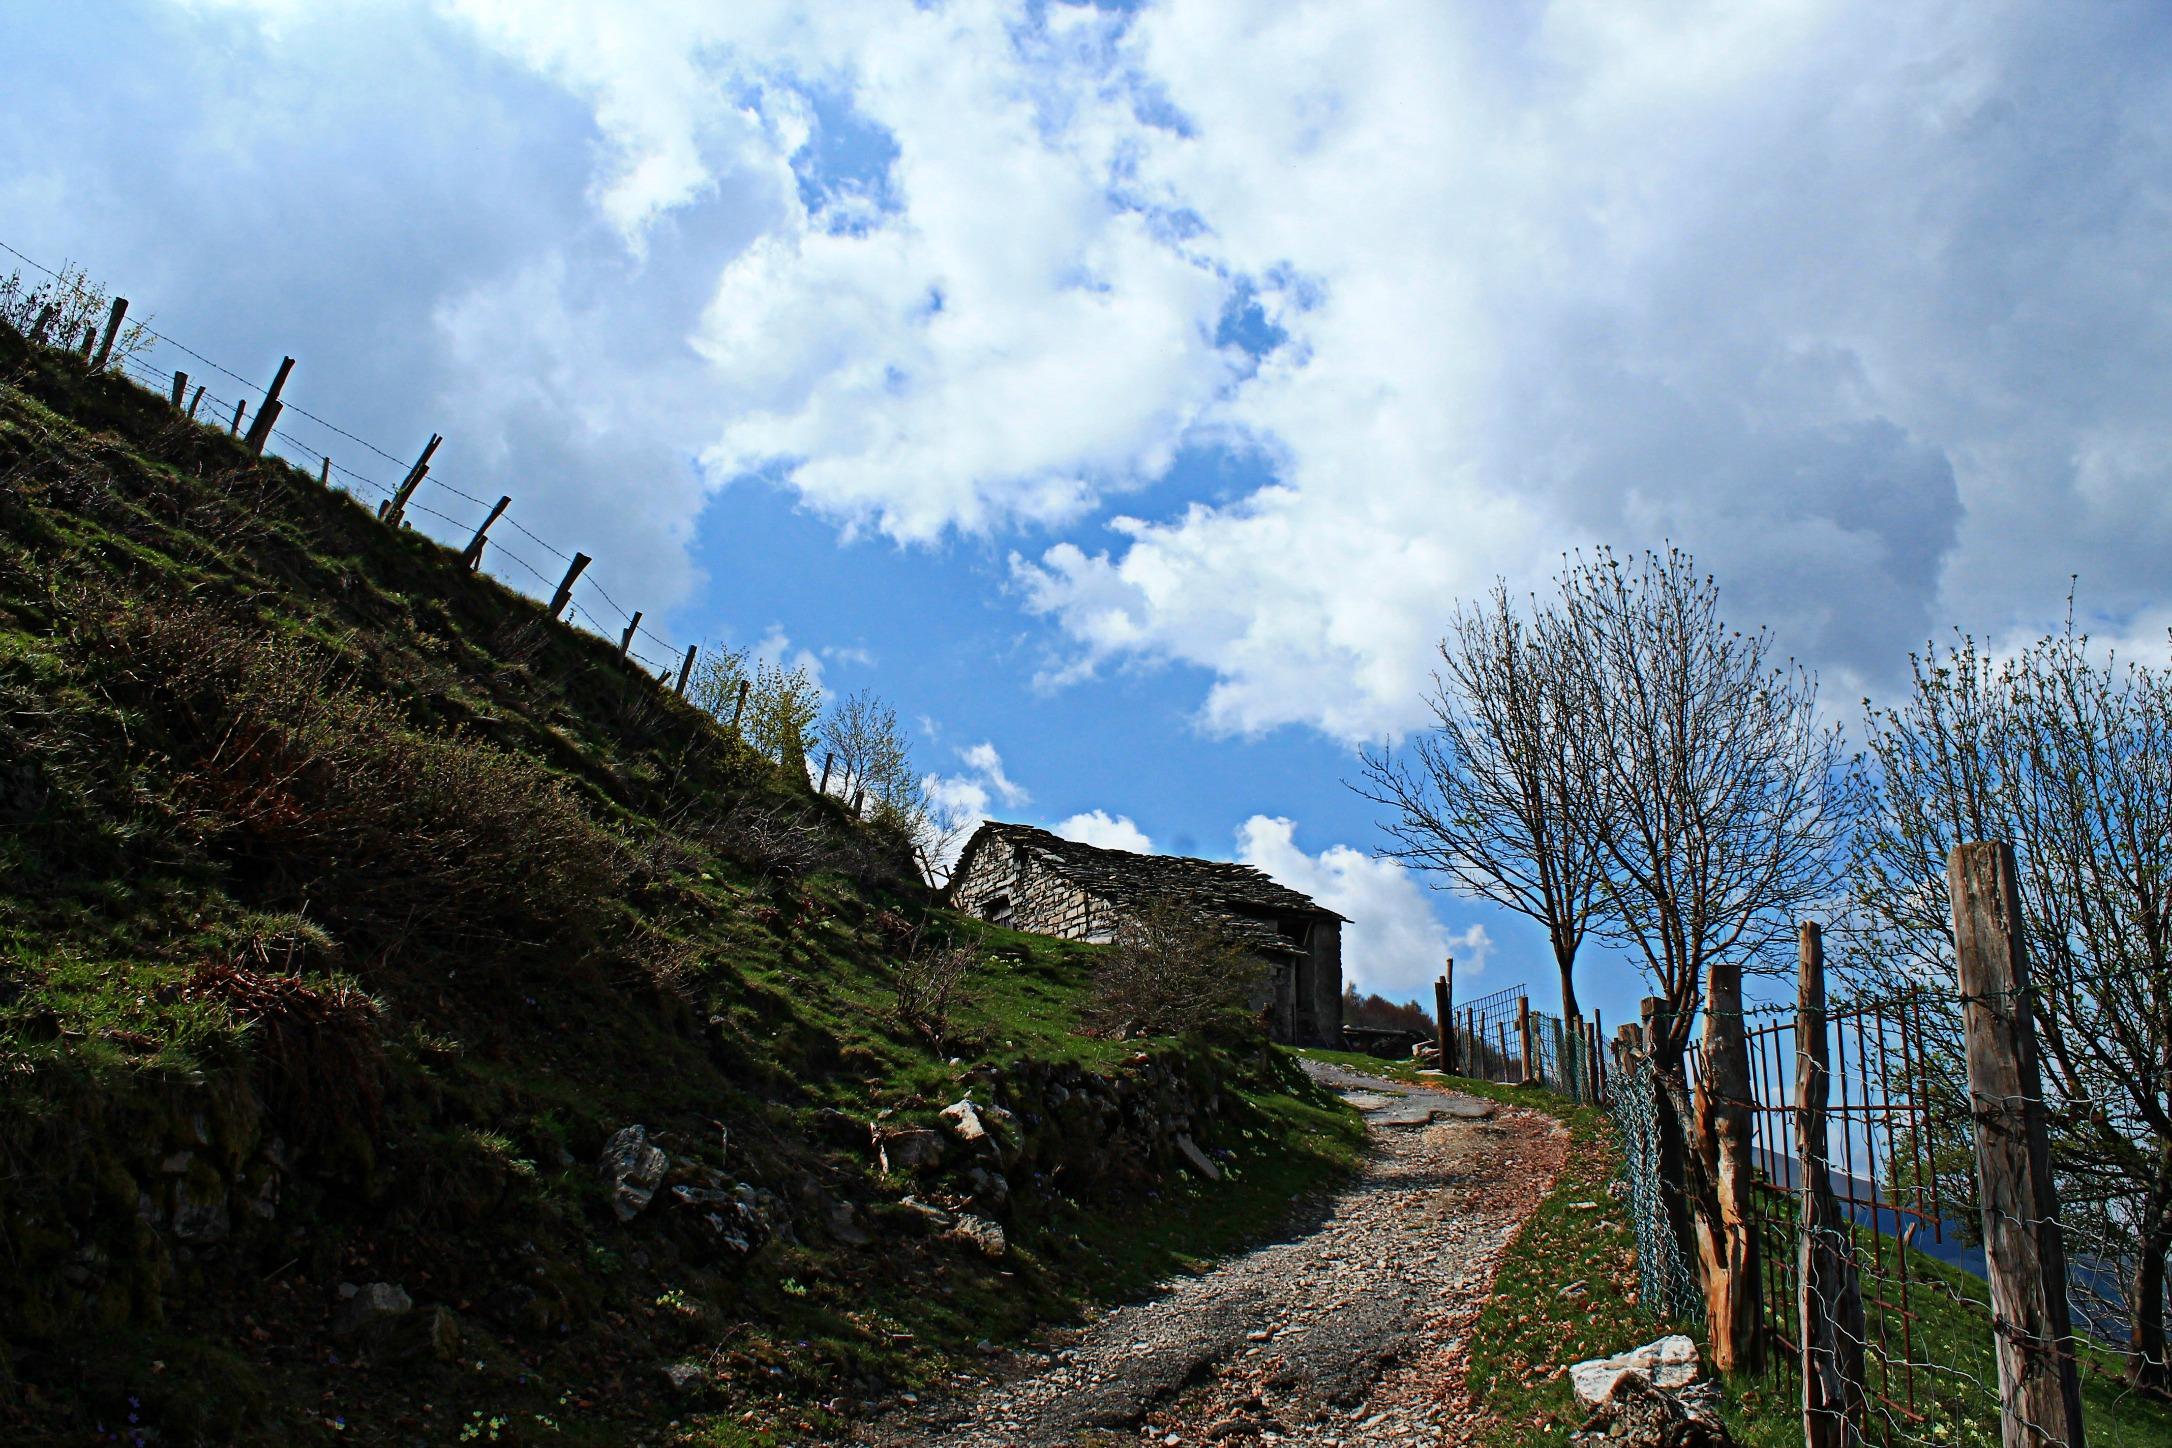 Uphill!...